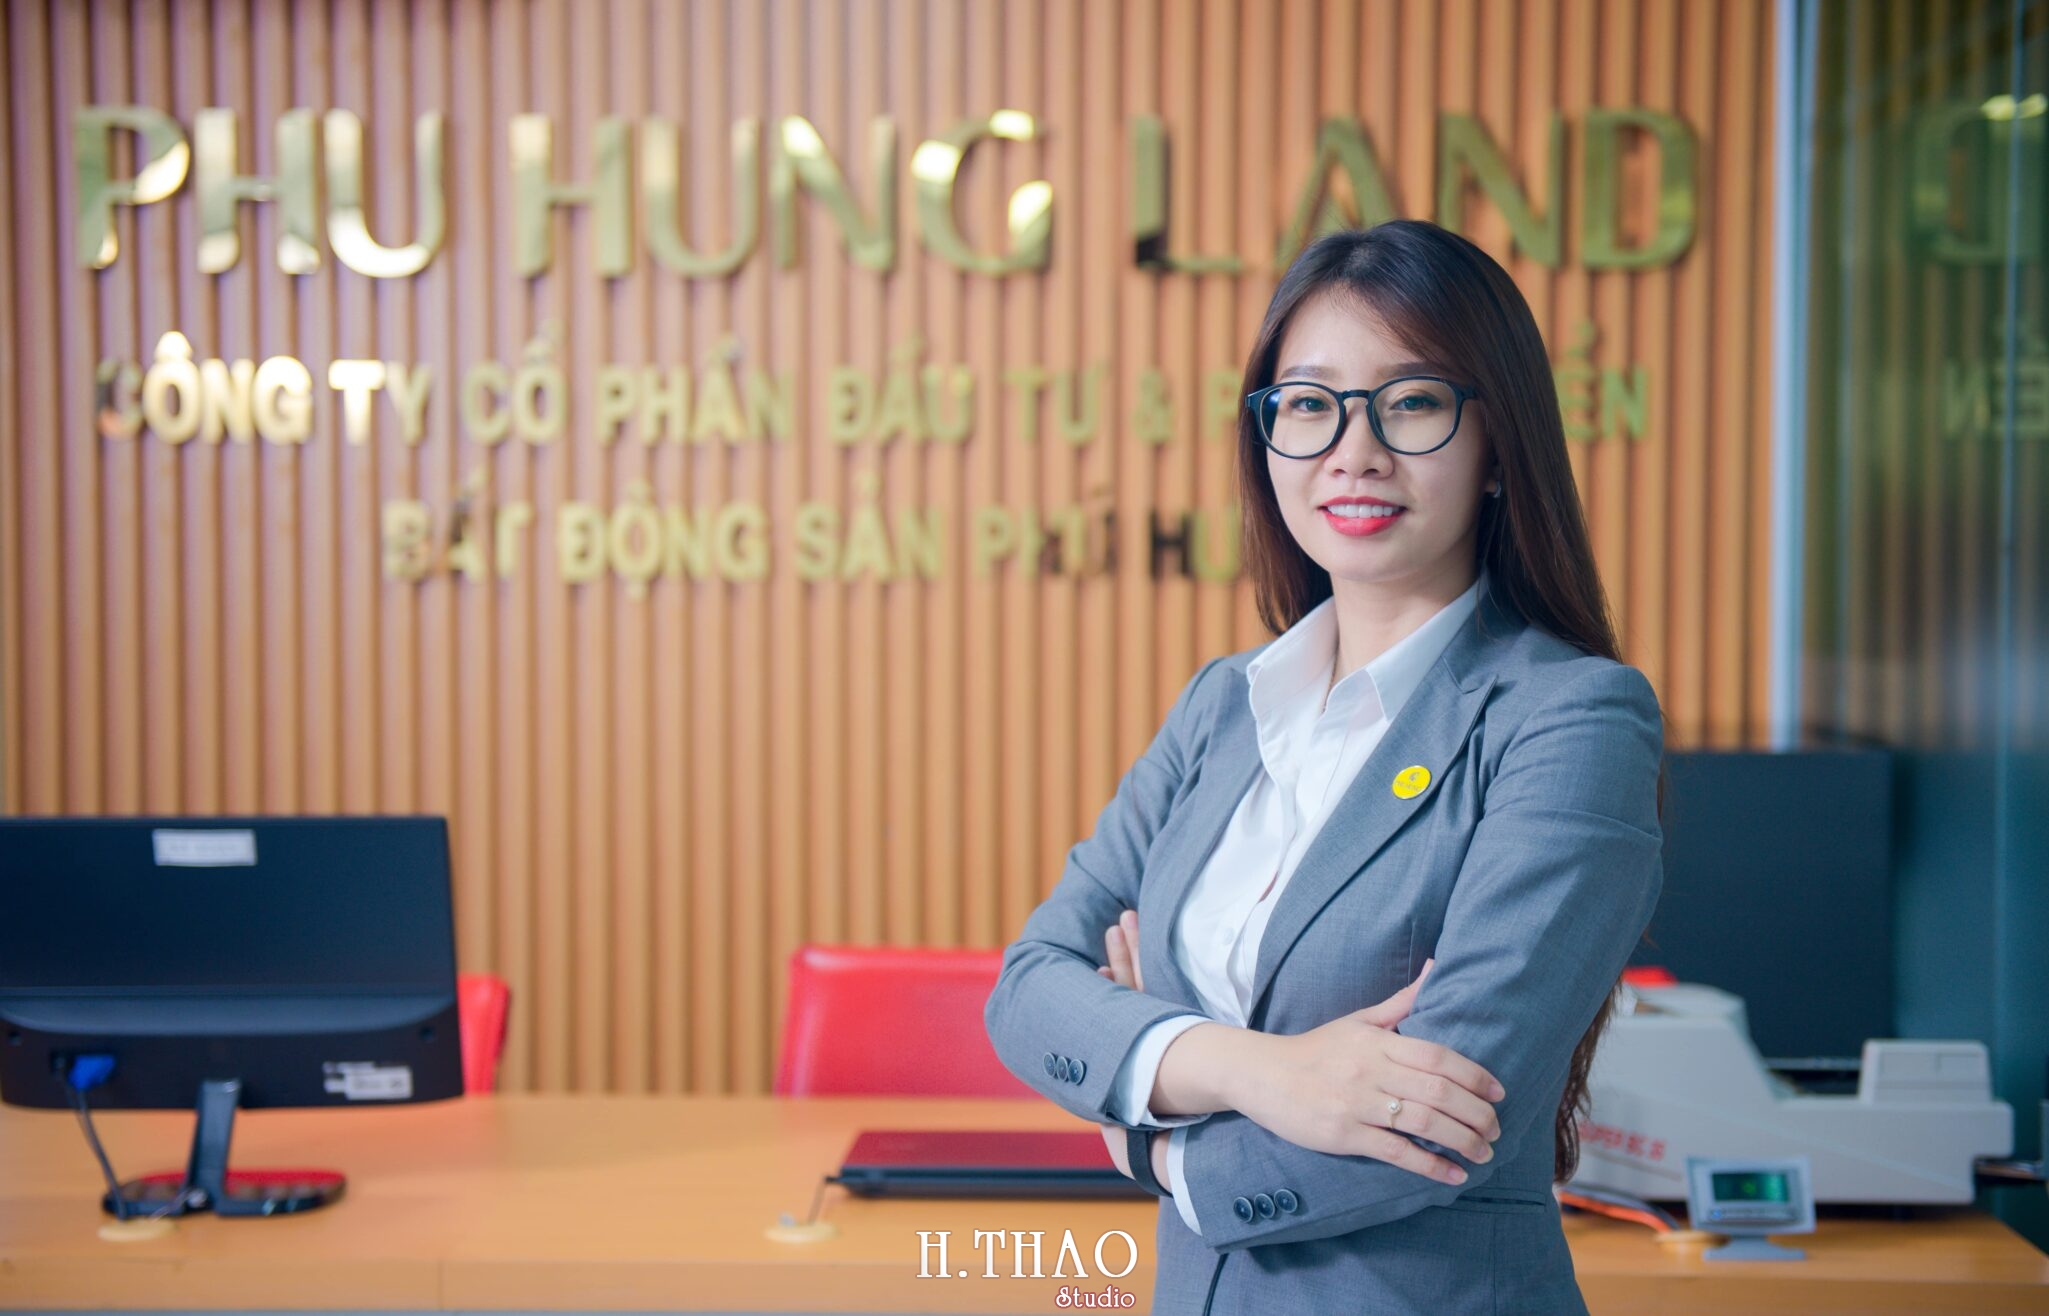 Phu Hung Land 12 scaled - Album ảnh profile nhân sự công ty Phu Hung Land – HThao Studio